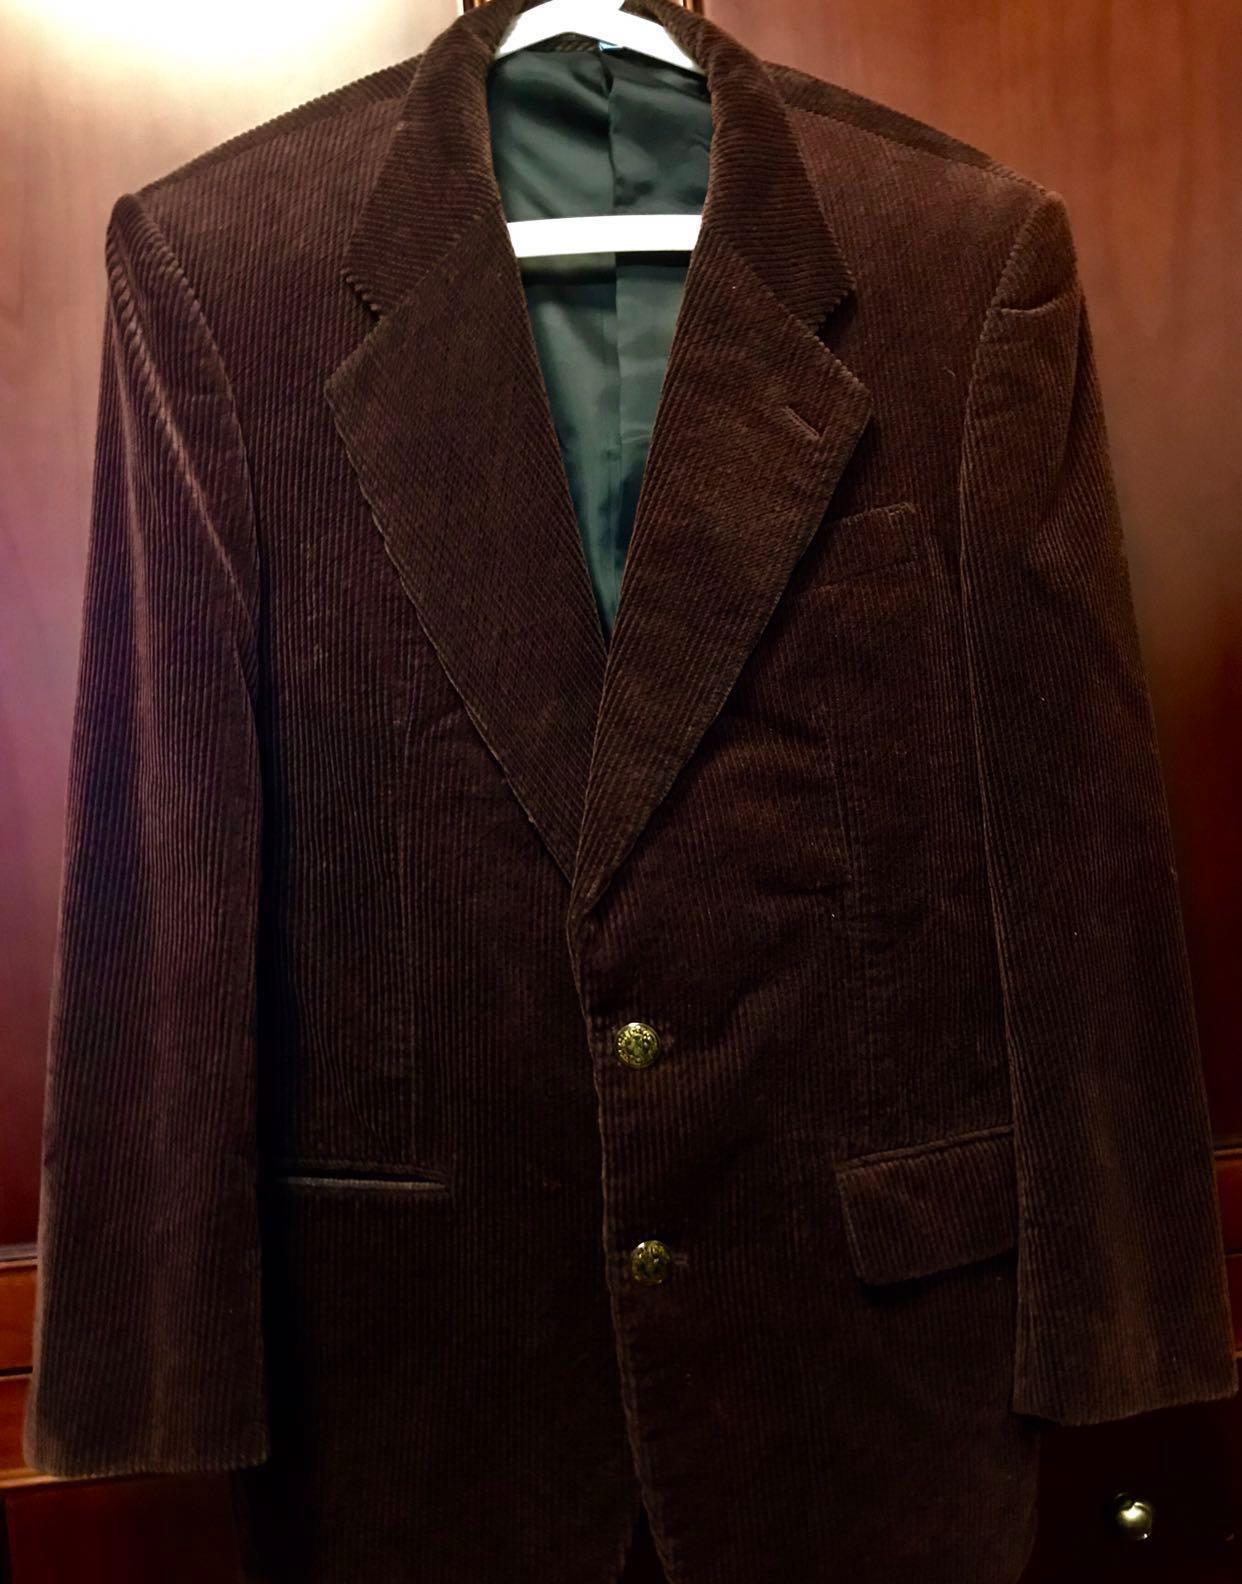 德國🇩🇪製造made in Germany suit jacket西裝外套